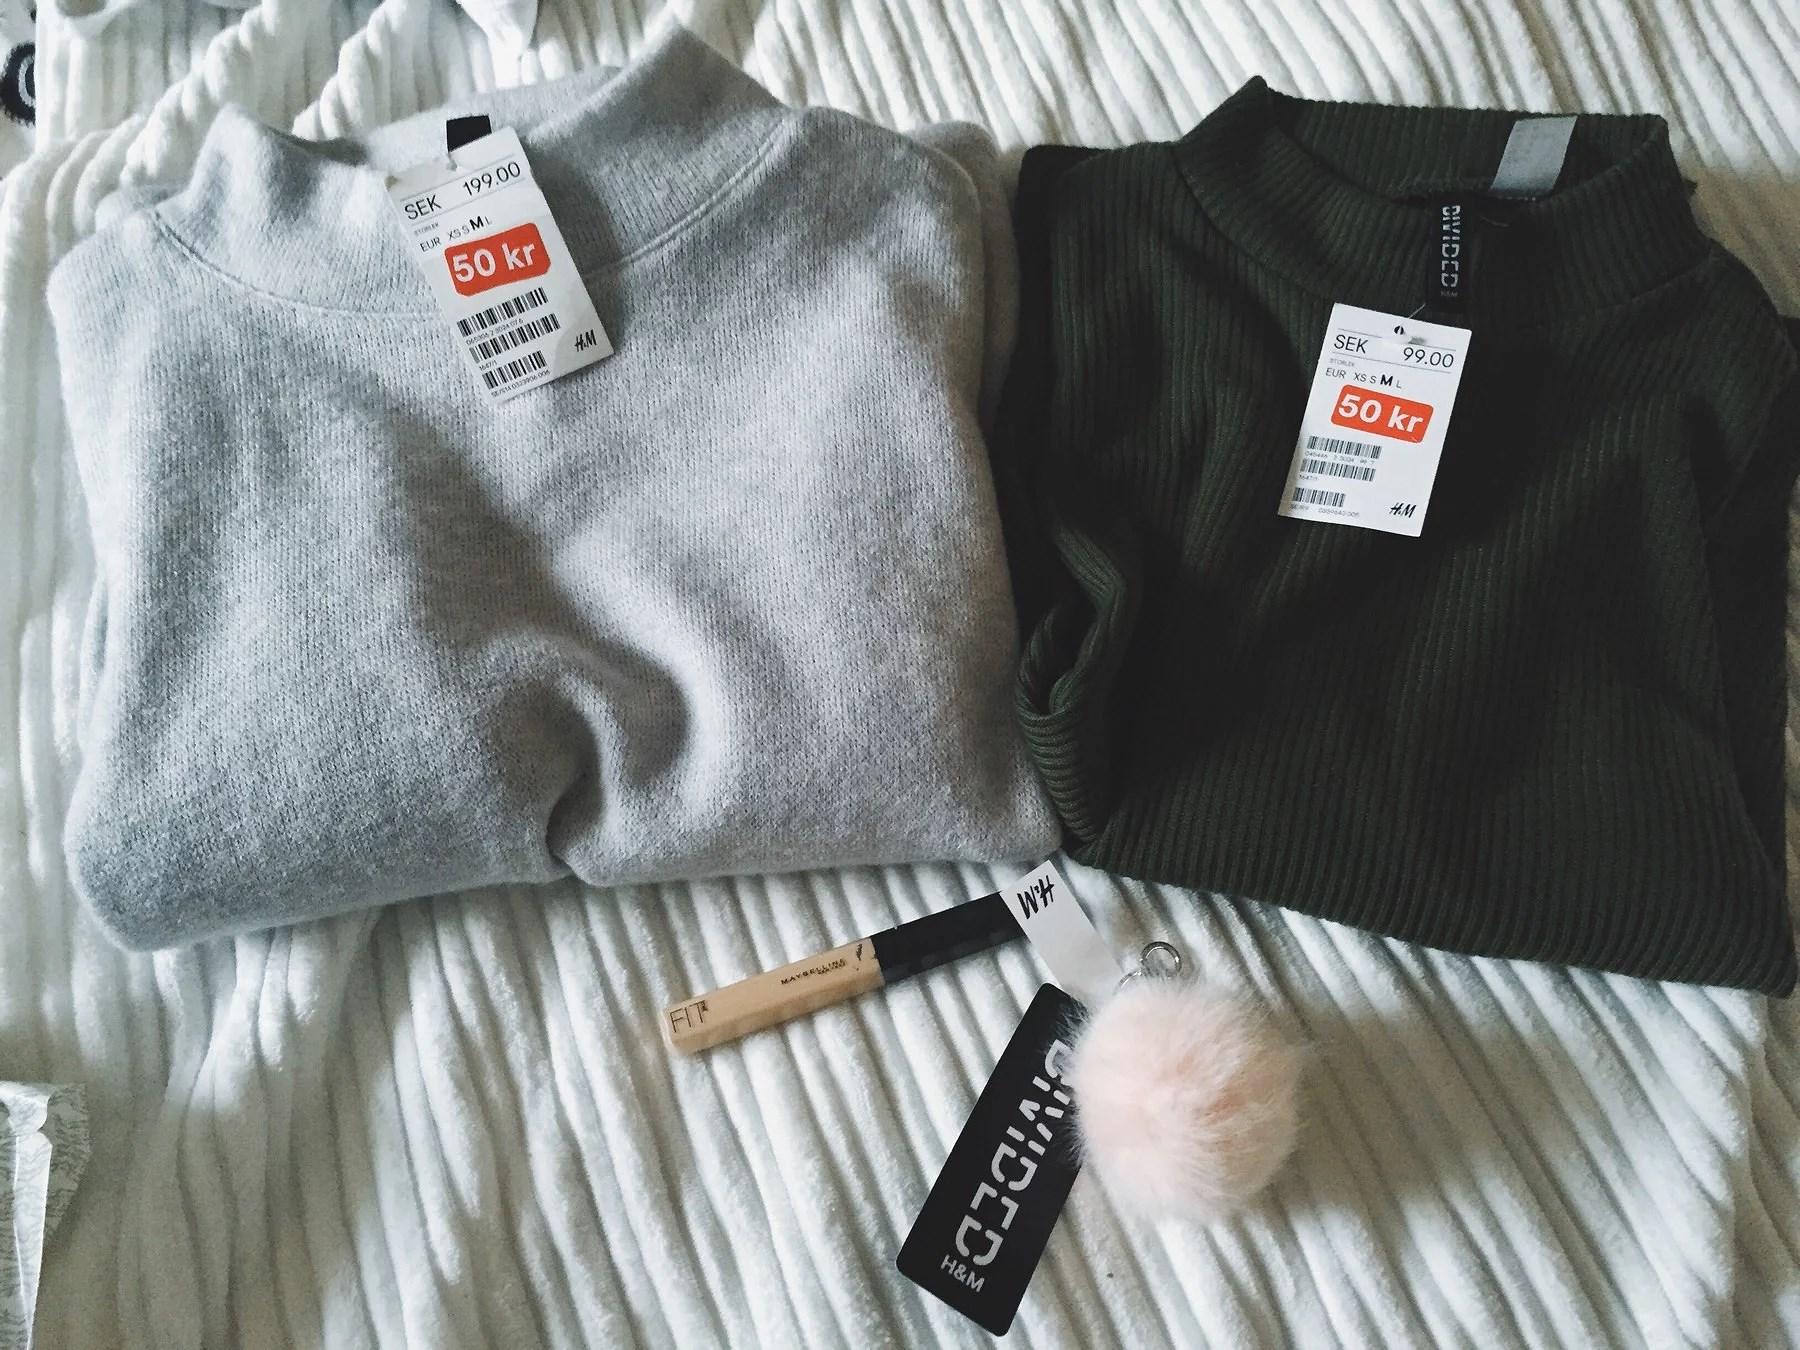 Nytt till garderoben